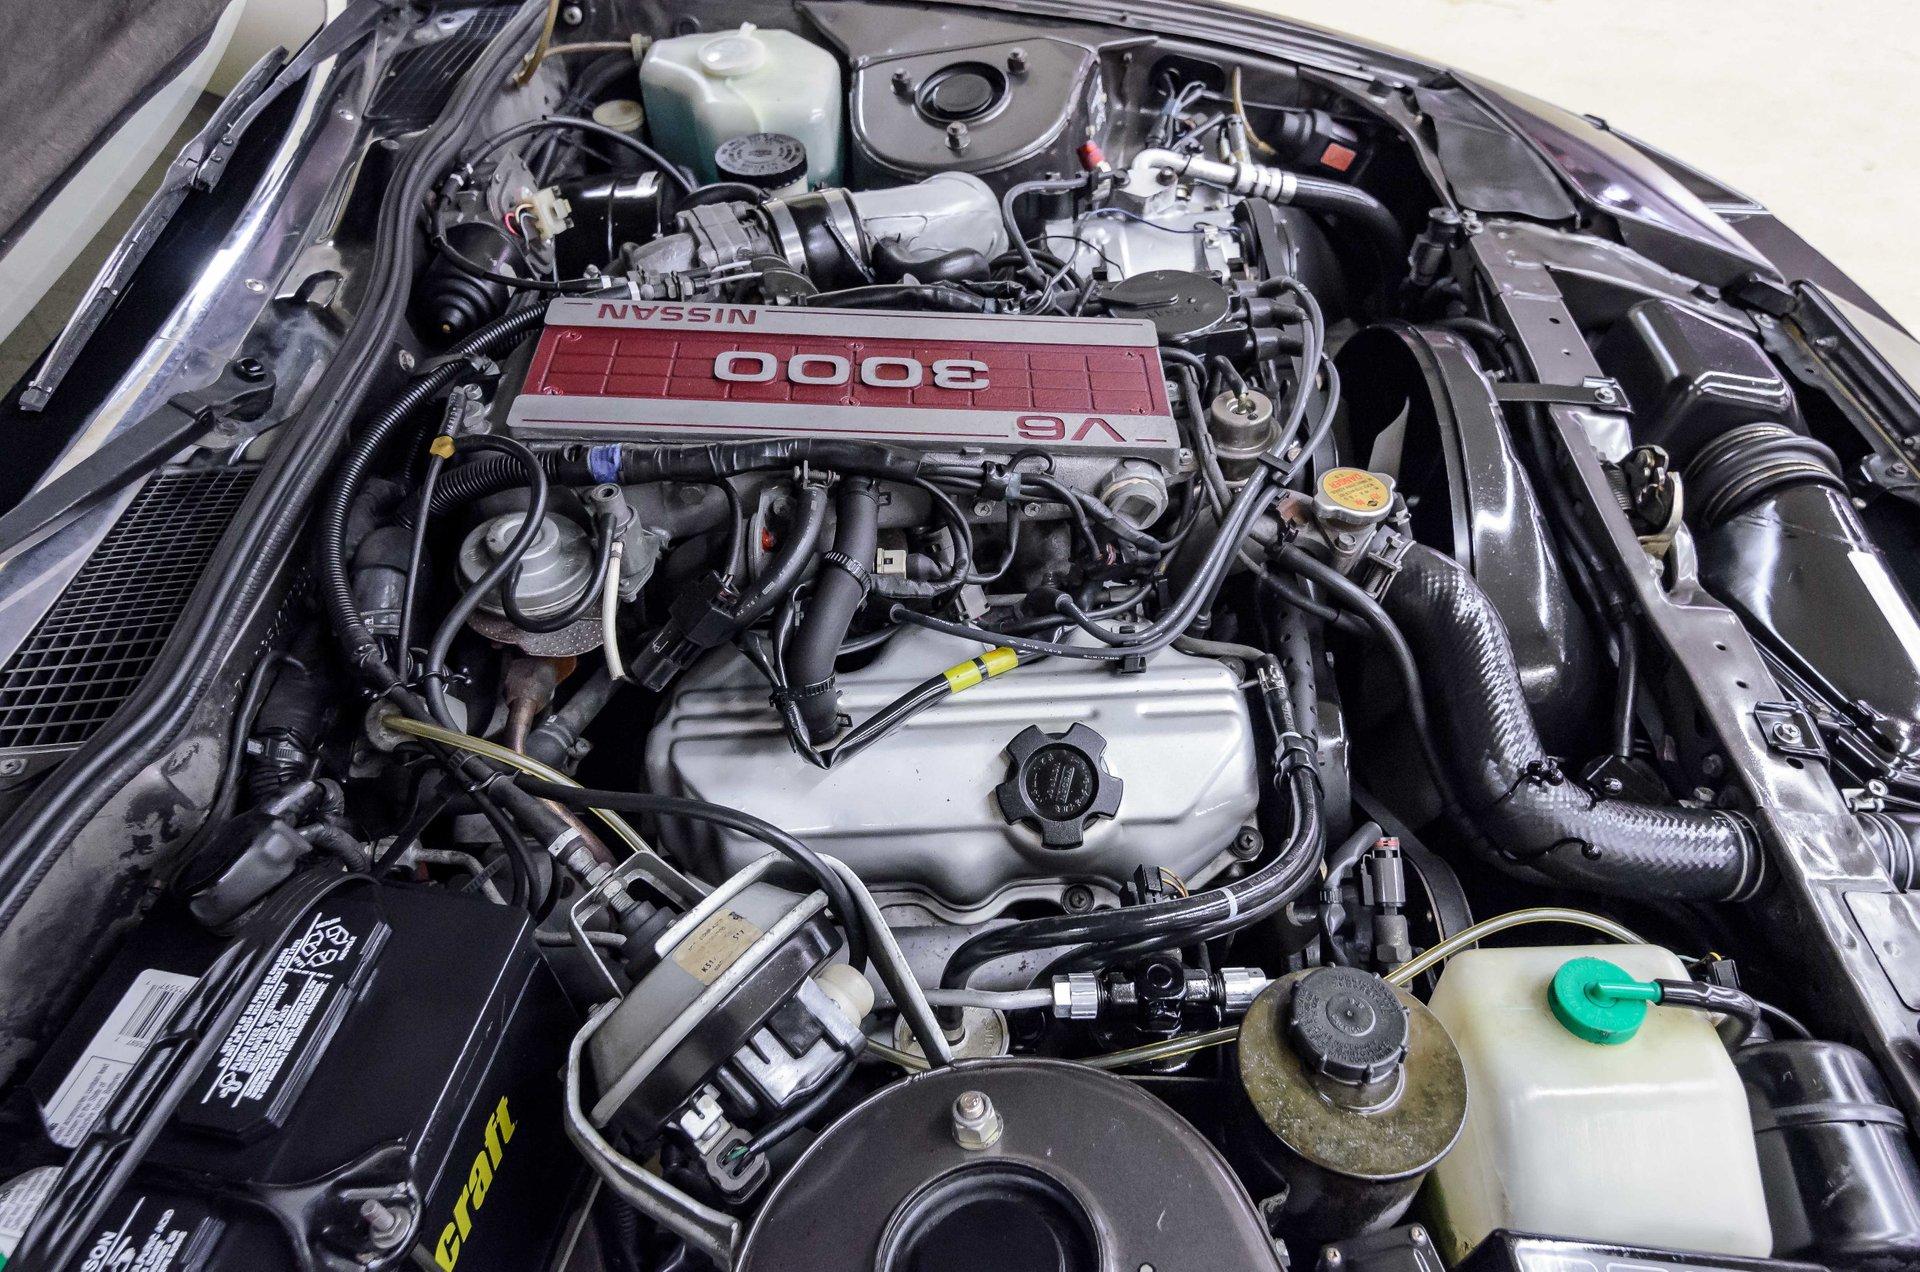 1985 Nissan 300ZX | Berlin Motors